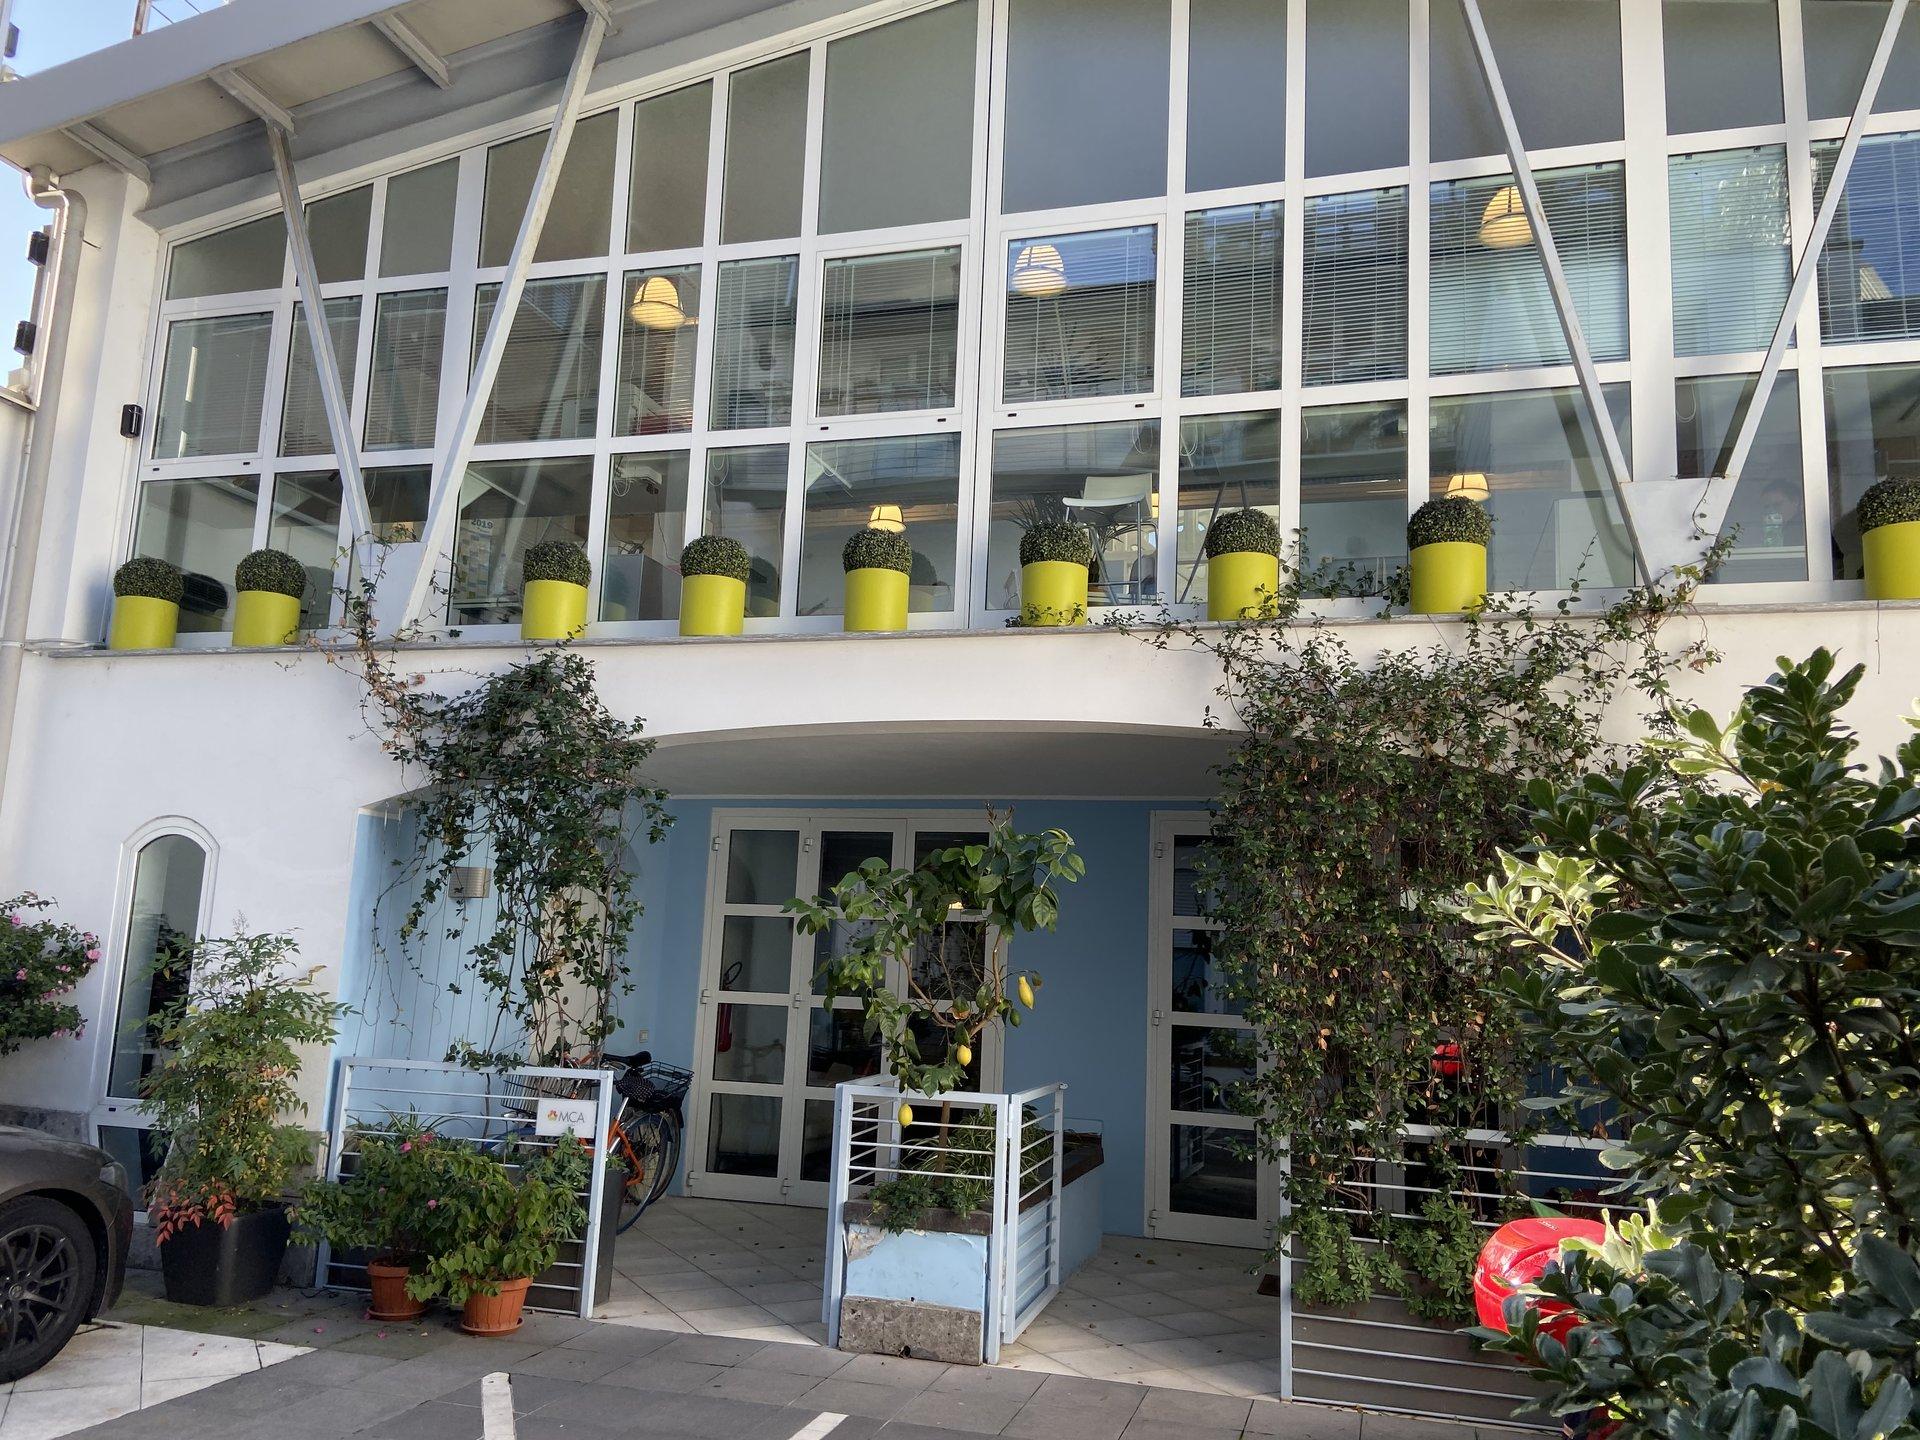 Milano - Via A. Binda : Residenza di charme, loft su due livelli per totali 170 mq .